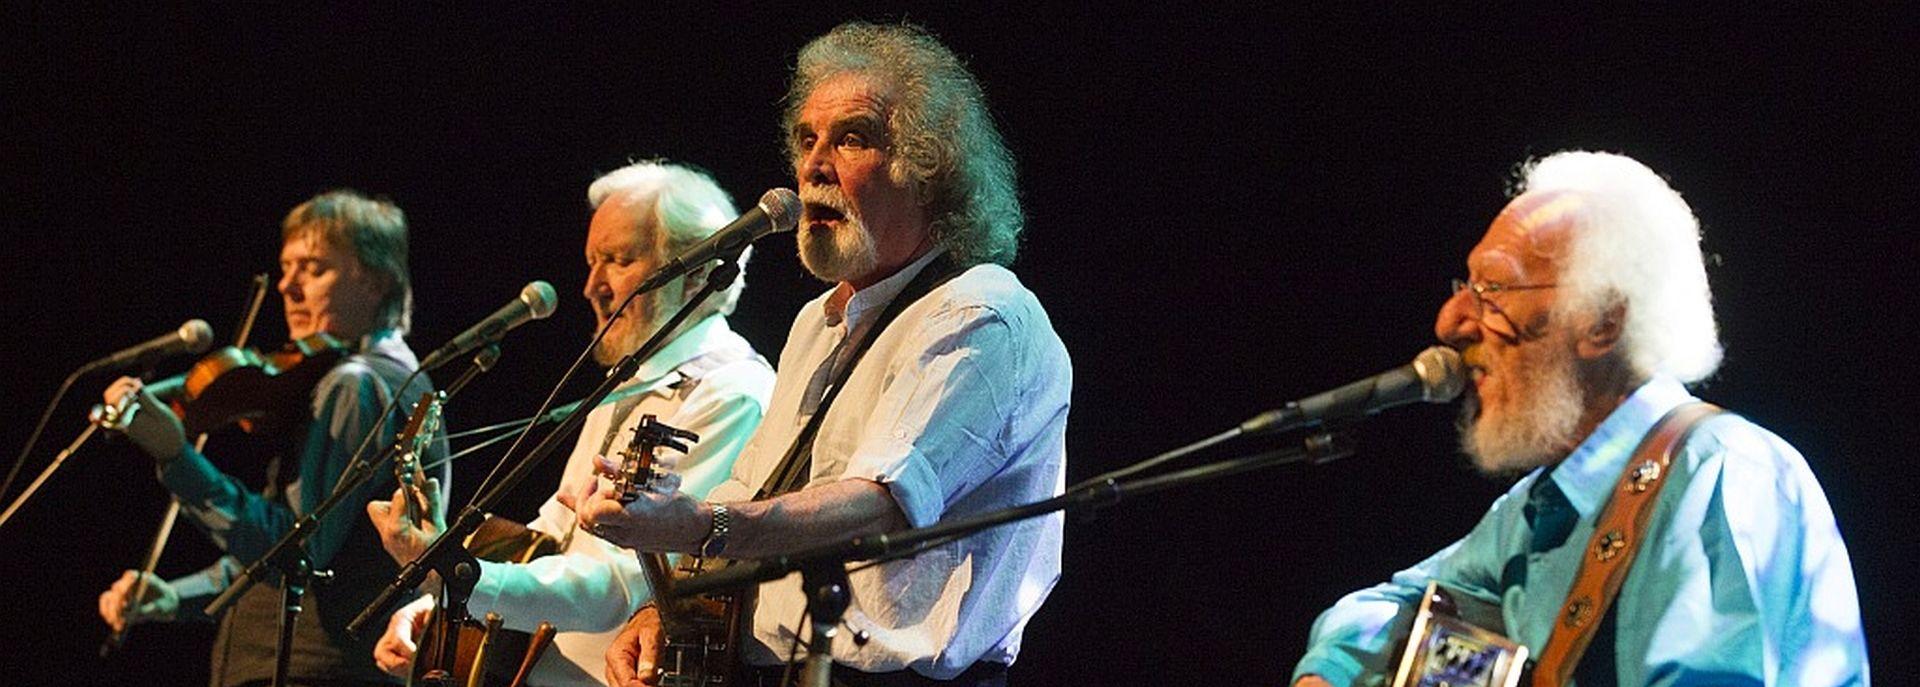 The Dublin Legends, formerly known as the Dubliners speelden op het Irish Folk Festival in De Tamboer.